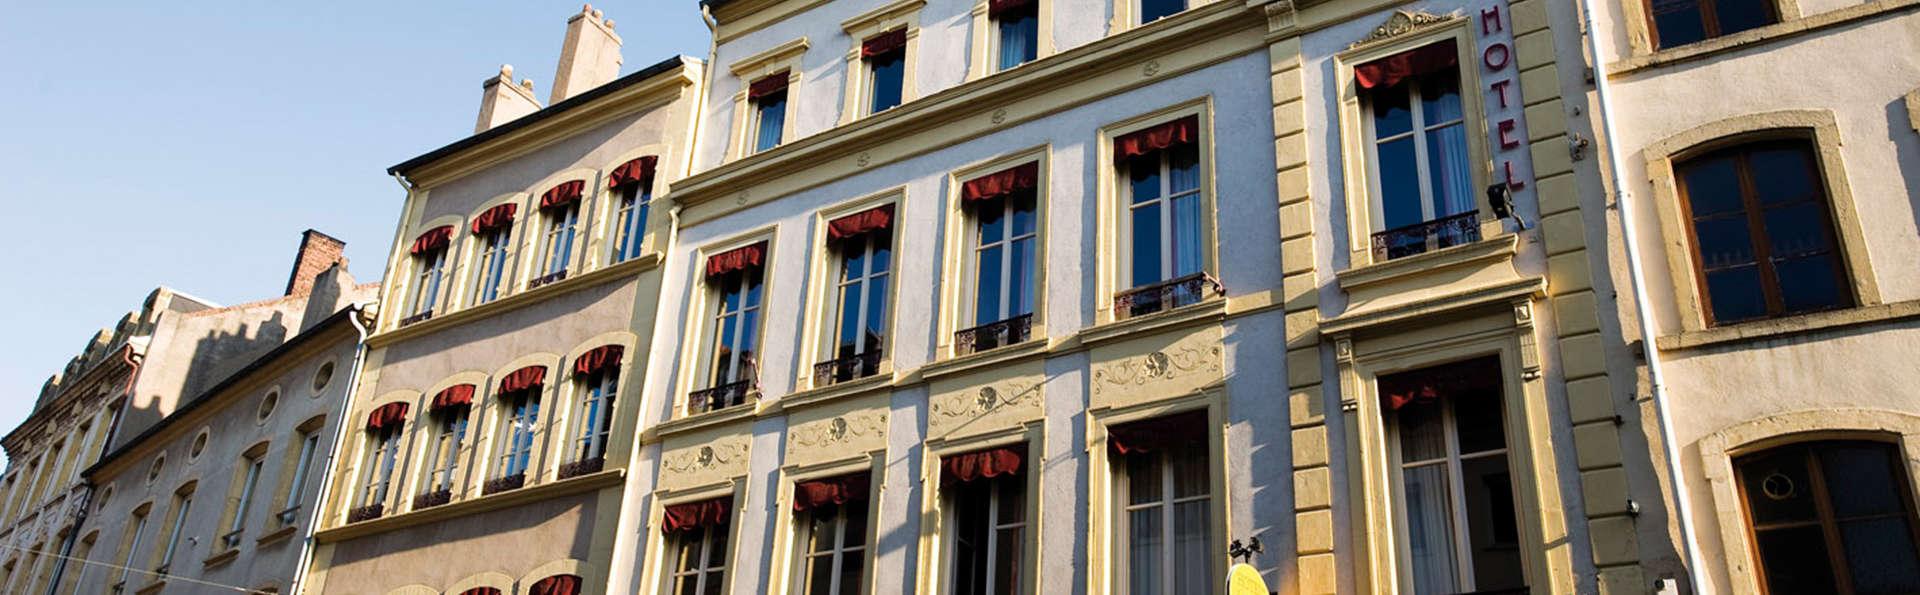 Hôtel des Oliviers - EDIT_front1.jpg